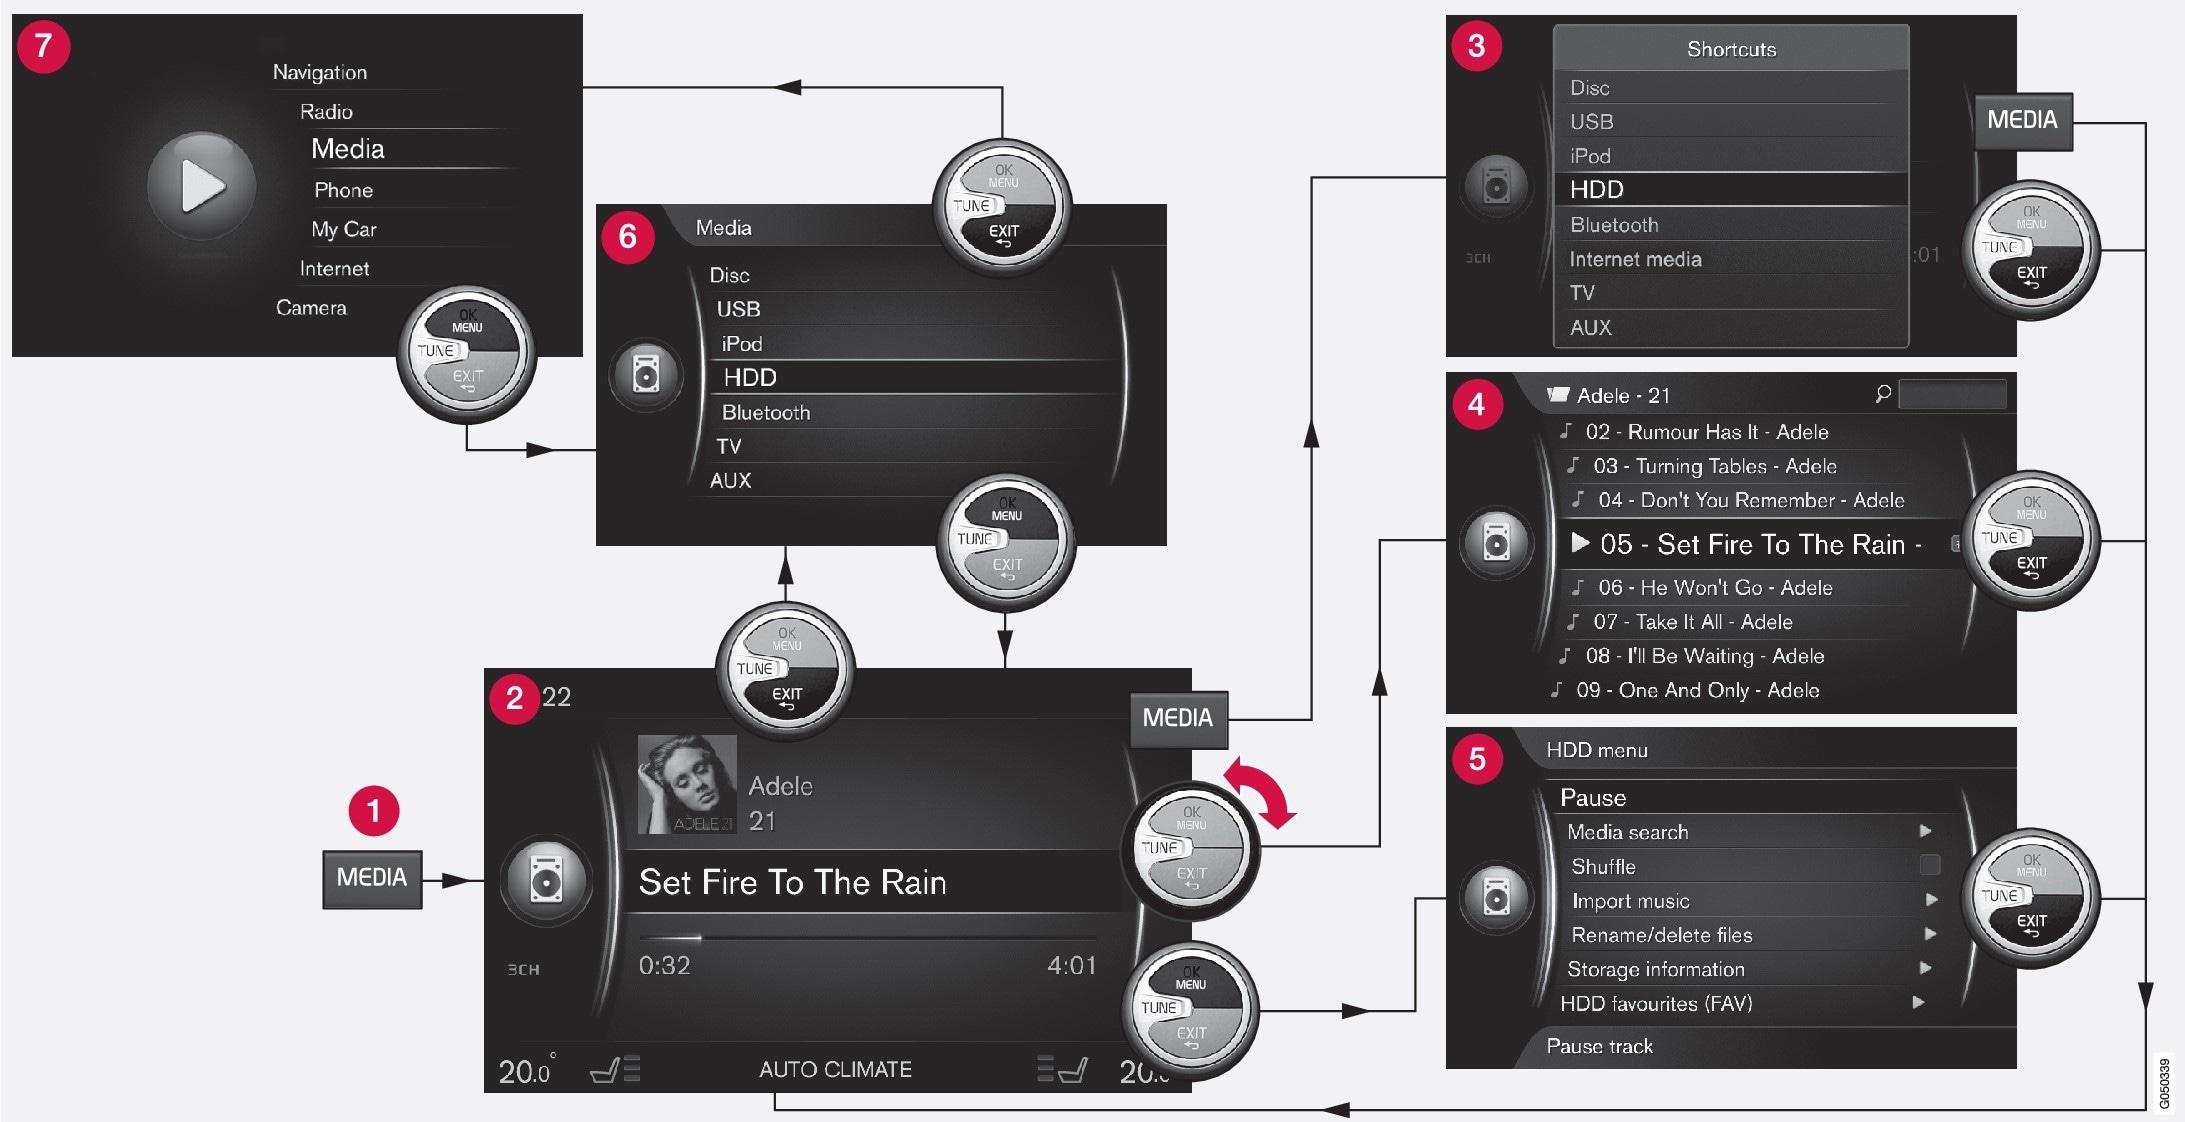 Exemplet visar navigering till olika funktioner då media spelas från bilens hårddisk.